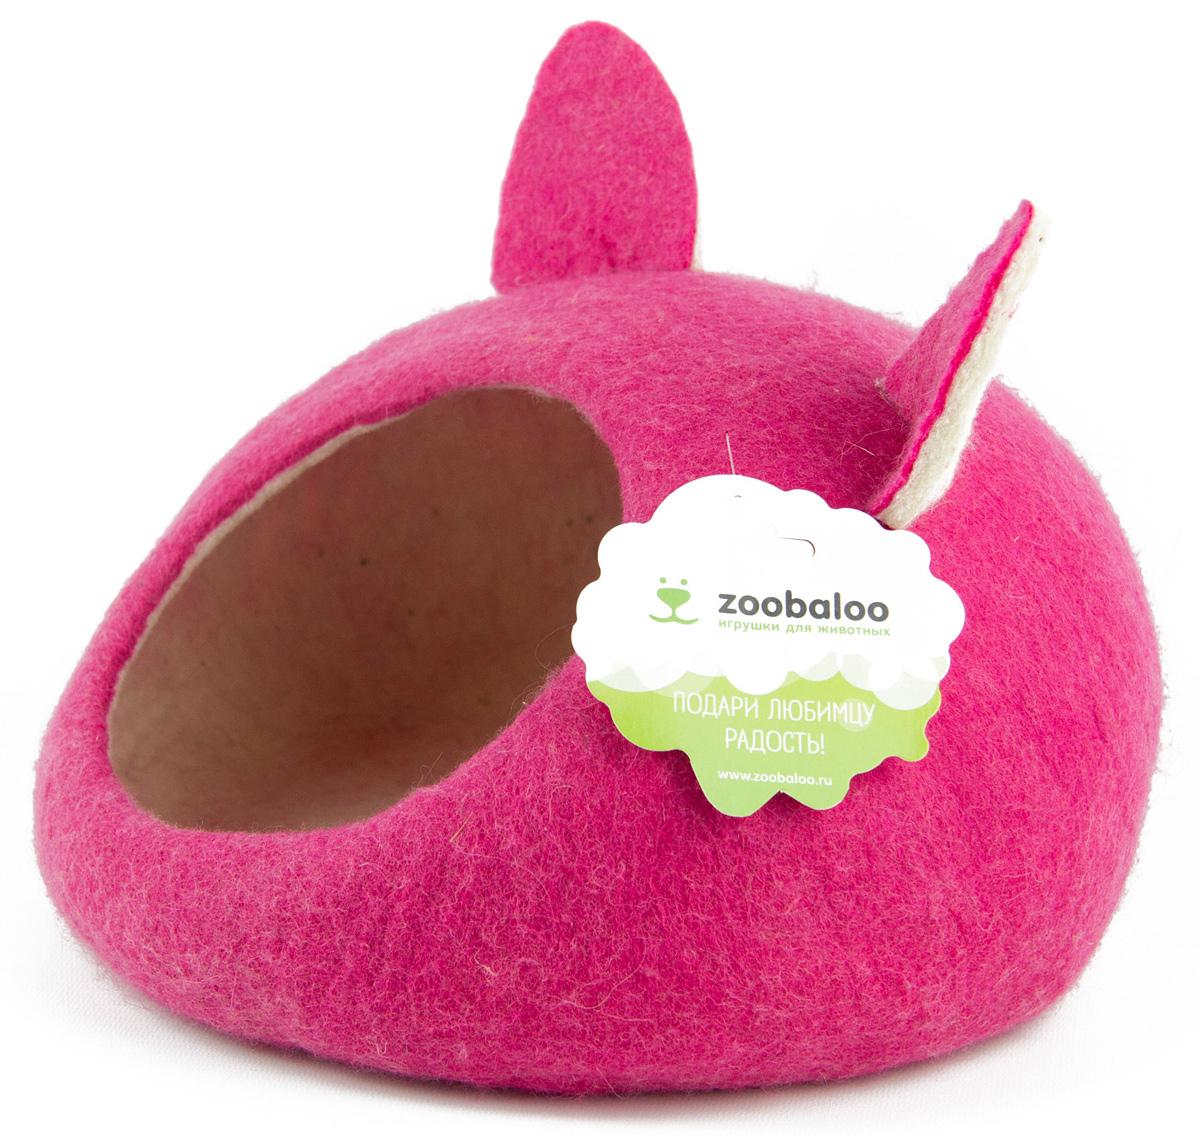 Домик-слипер для животных Zoobaloo WoolPetHouse, с ушками, цвет: малиновый, размер L домик слипер для животных zoobaloo woolpethouse с ушками цвет оранжевый размер m